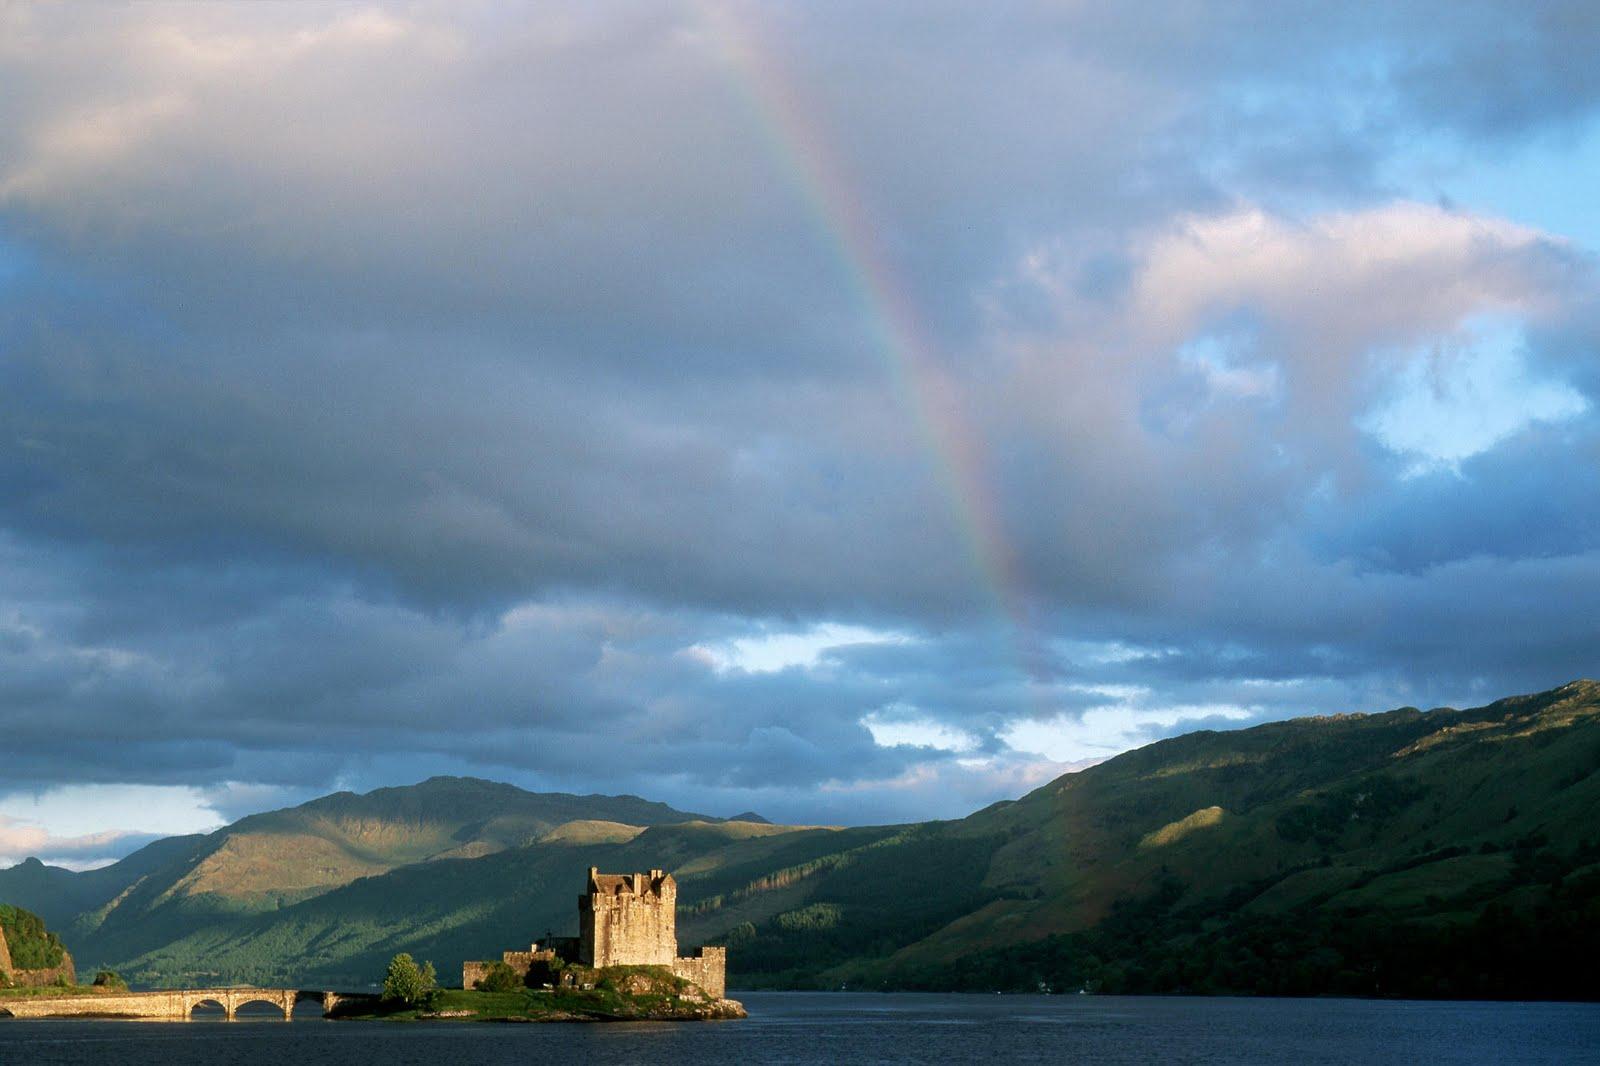 http://2.bp.blogspot.com/-21RwtQmwtII/Td0J_G78S5I/AAAAAAAACcA/e30oKFGt_2w/s1600/Rainbow+Above+Eilean+Donan+Castle%252C+Highlands%252C+Scotland_CourtesyWallpapers.com.jpeg